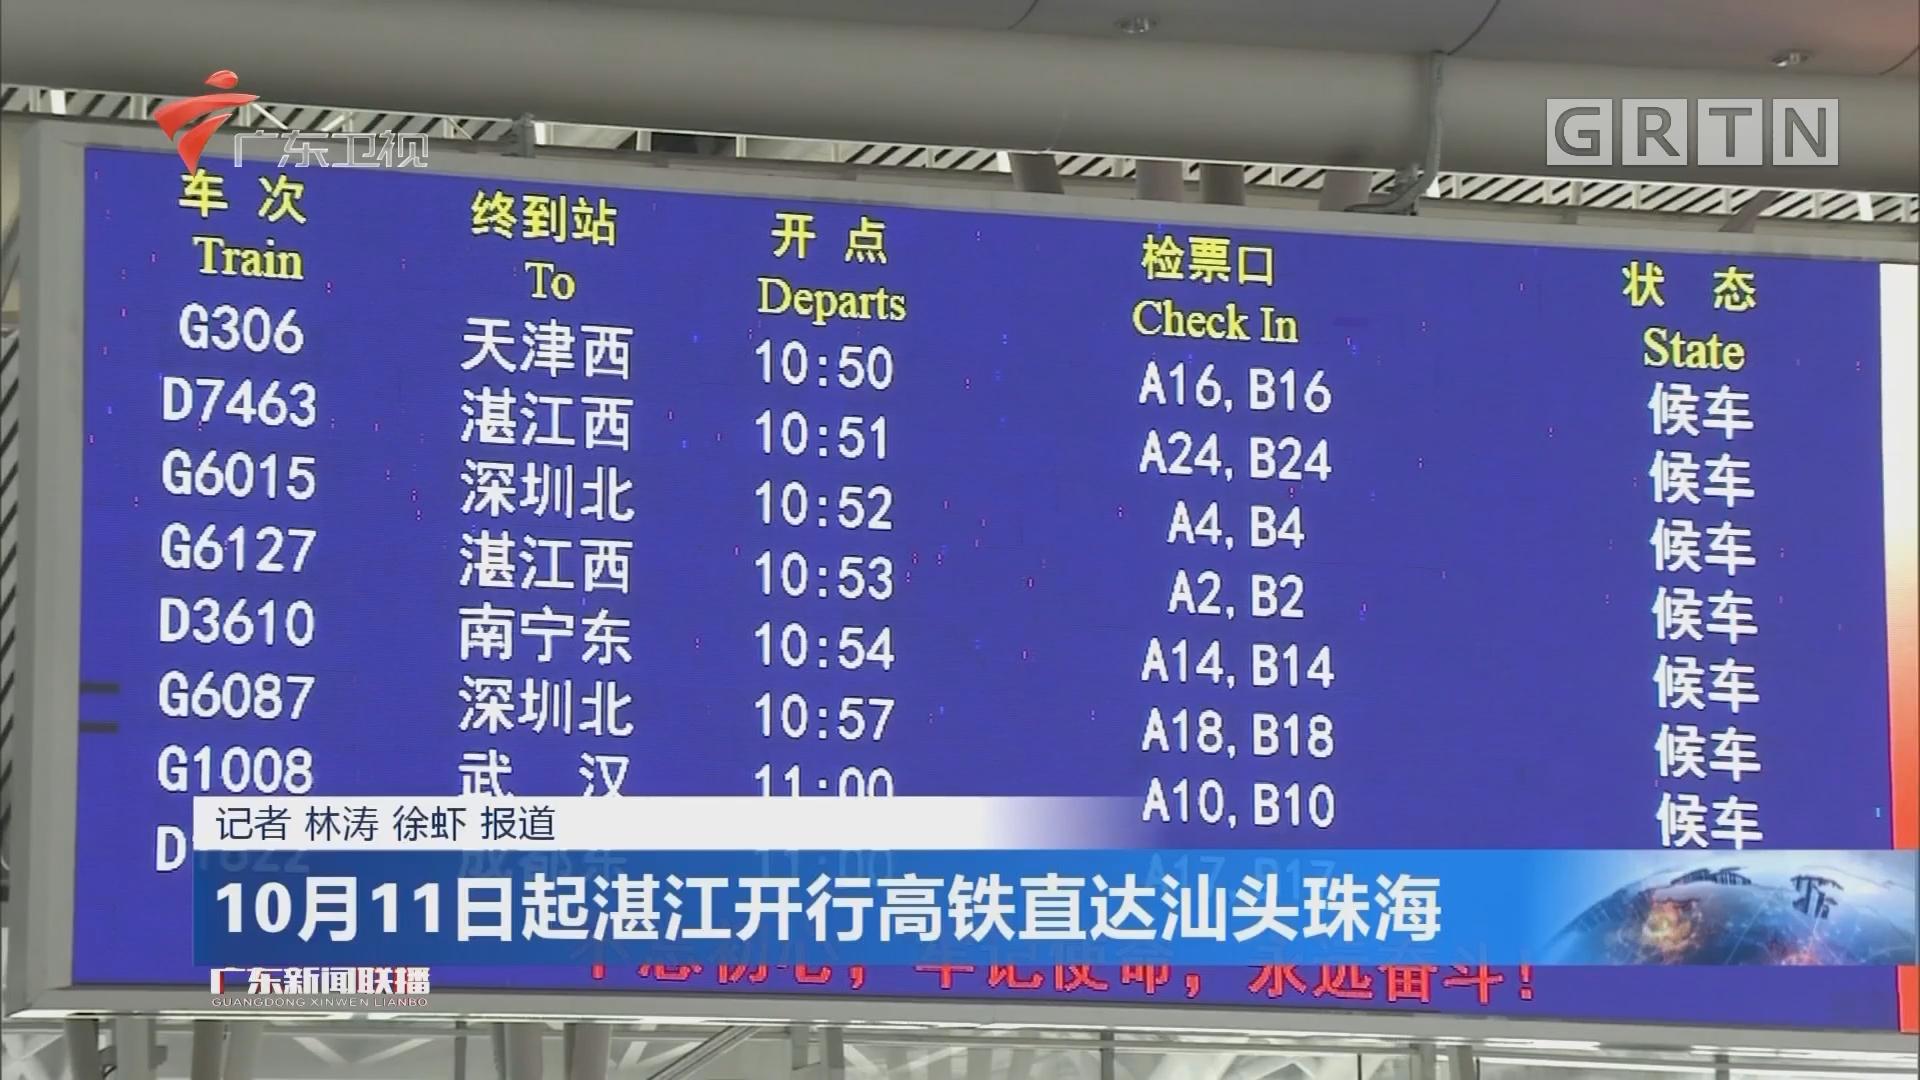 10月11日起湛江開行高鐵直達汕頭珠海